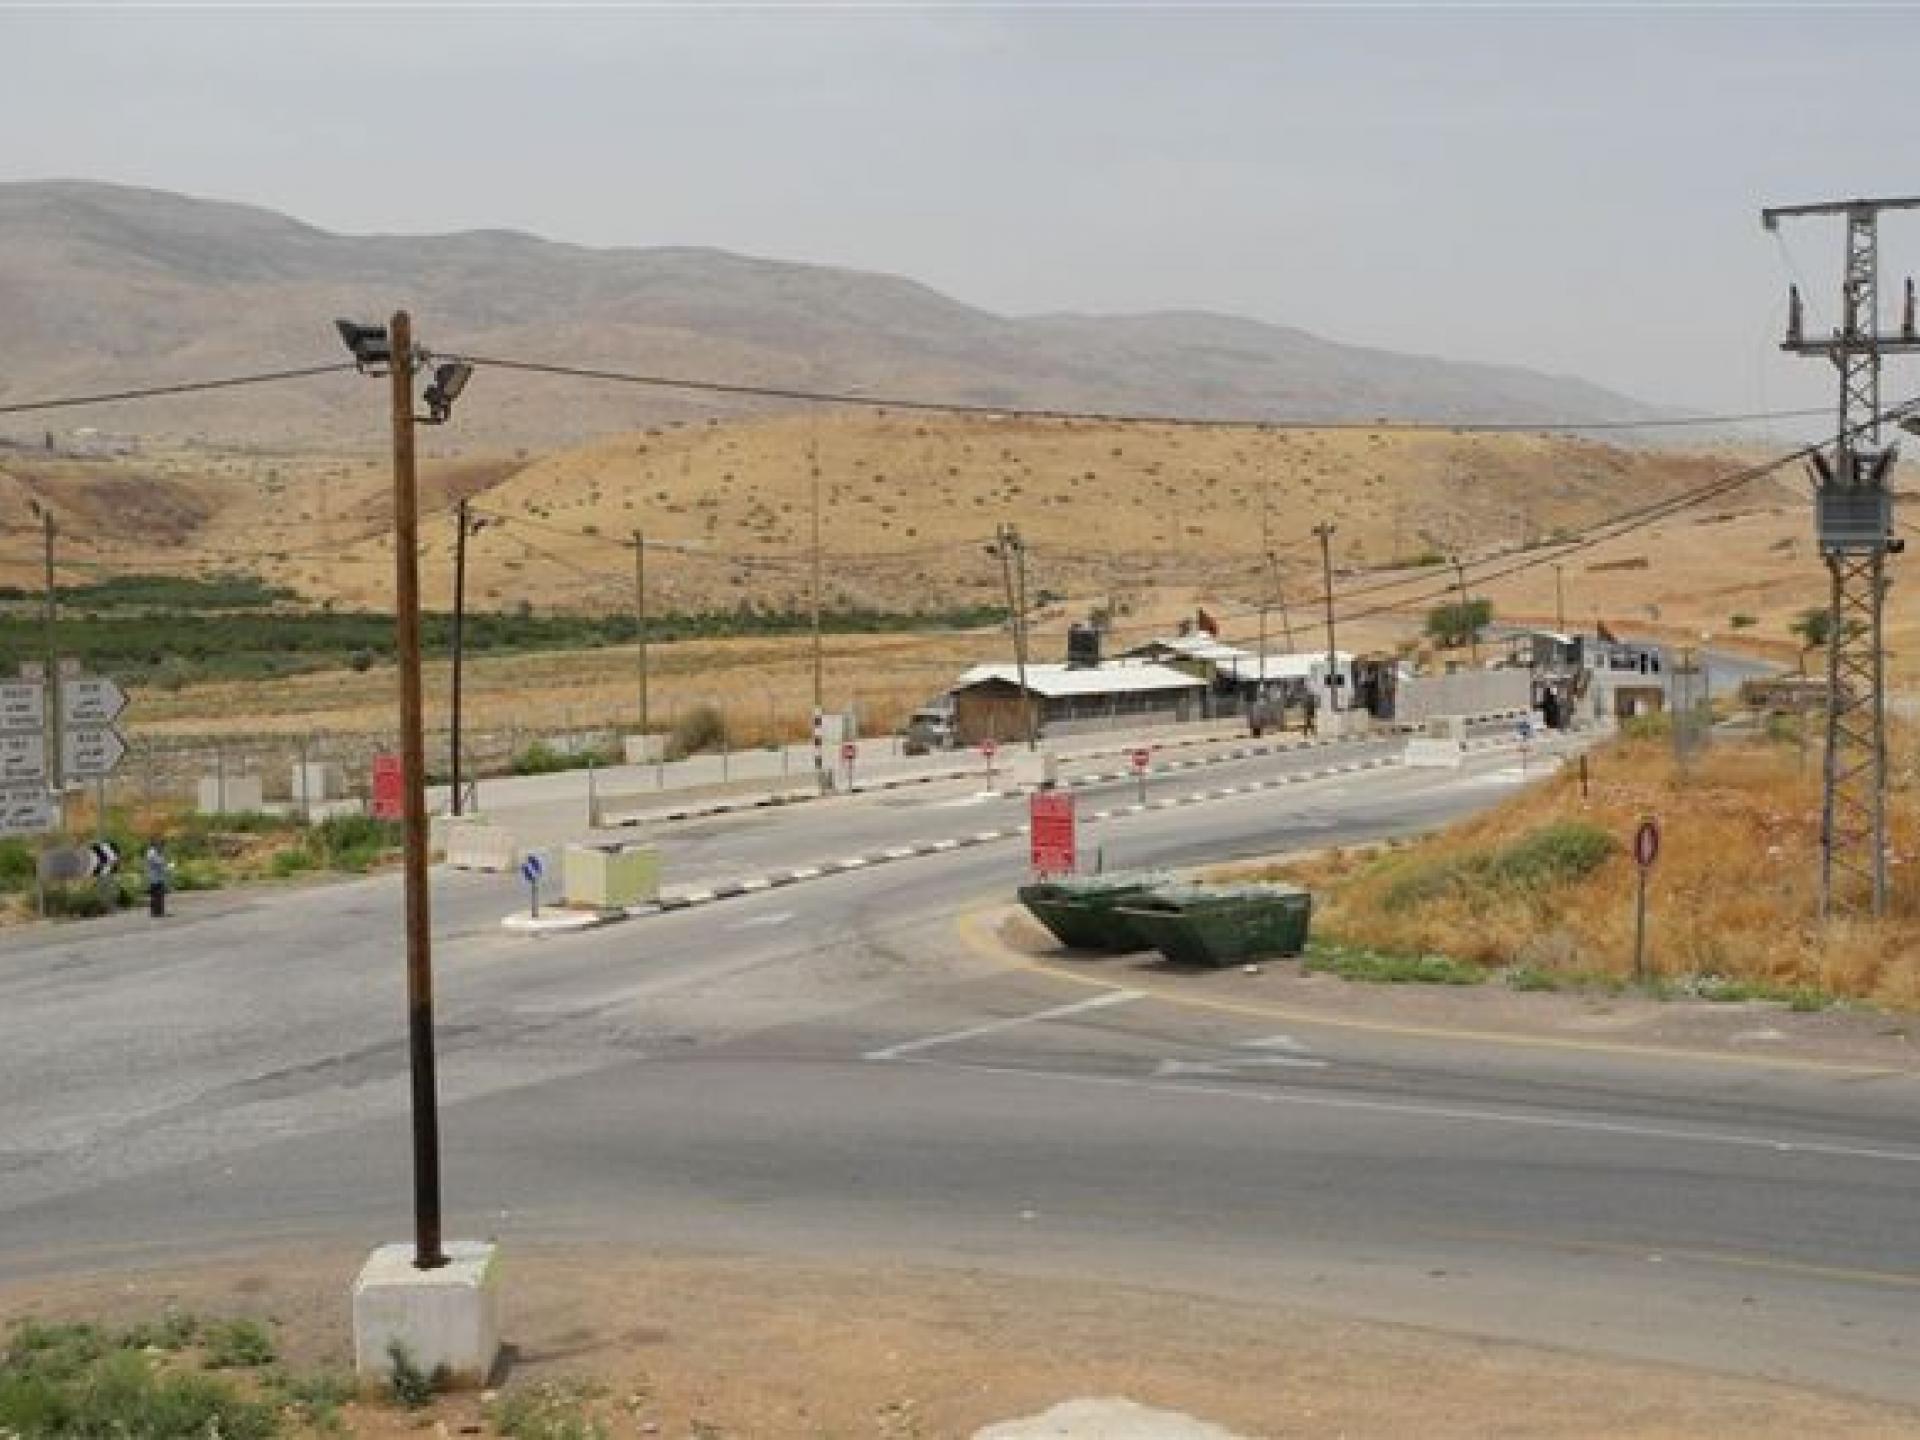 Hamra/Beqaot checkpoint 29.05.12